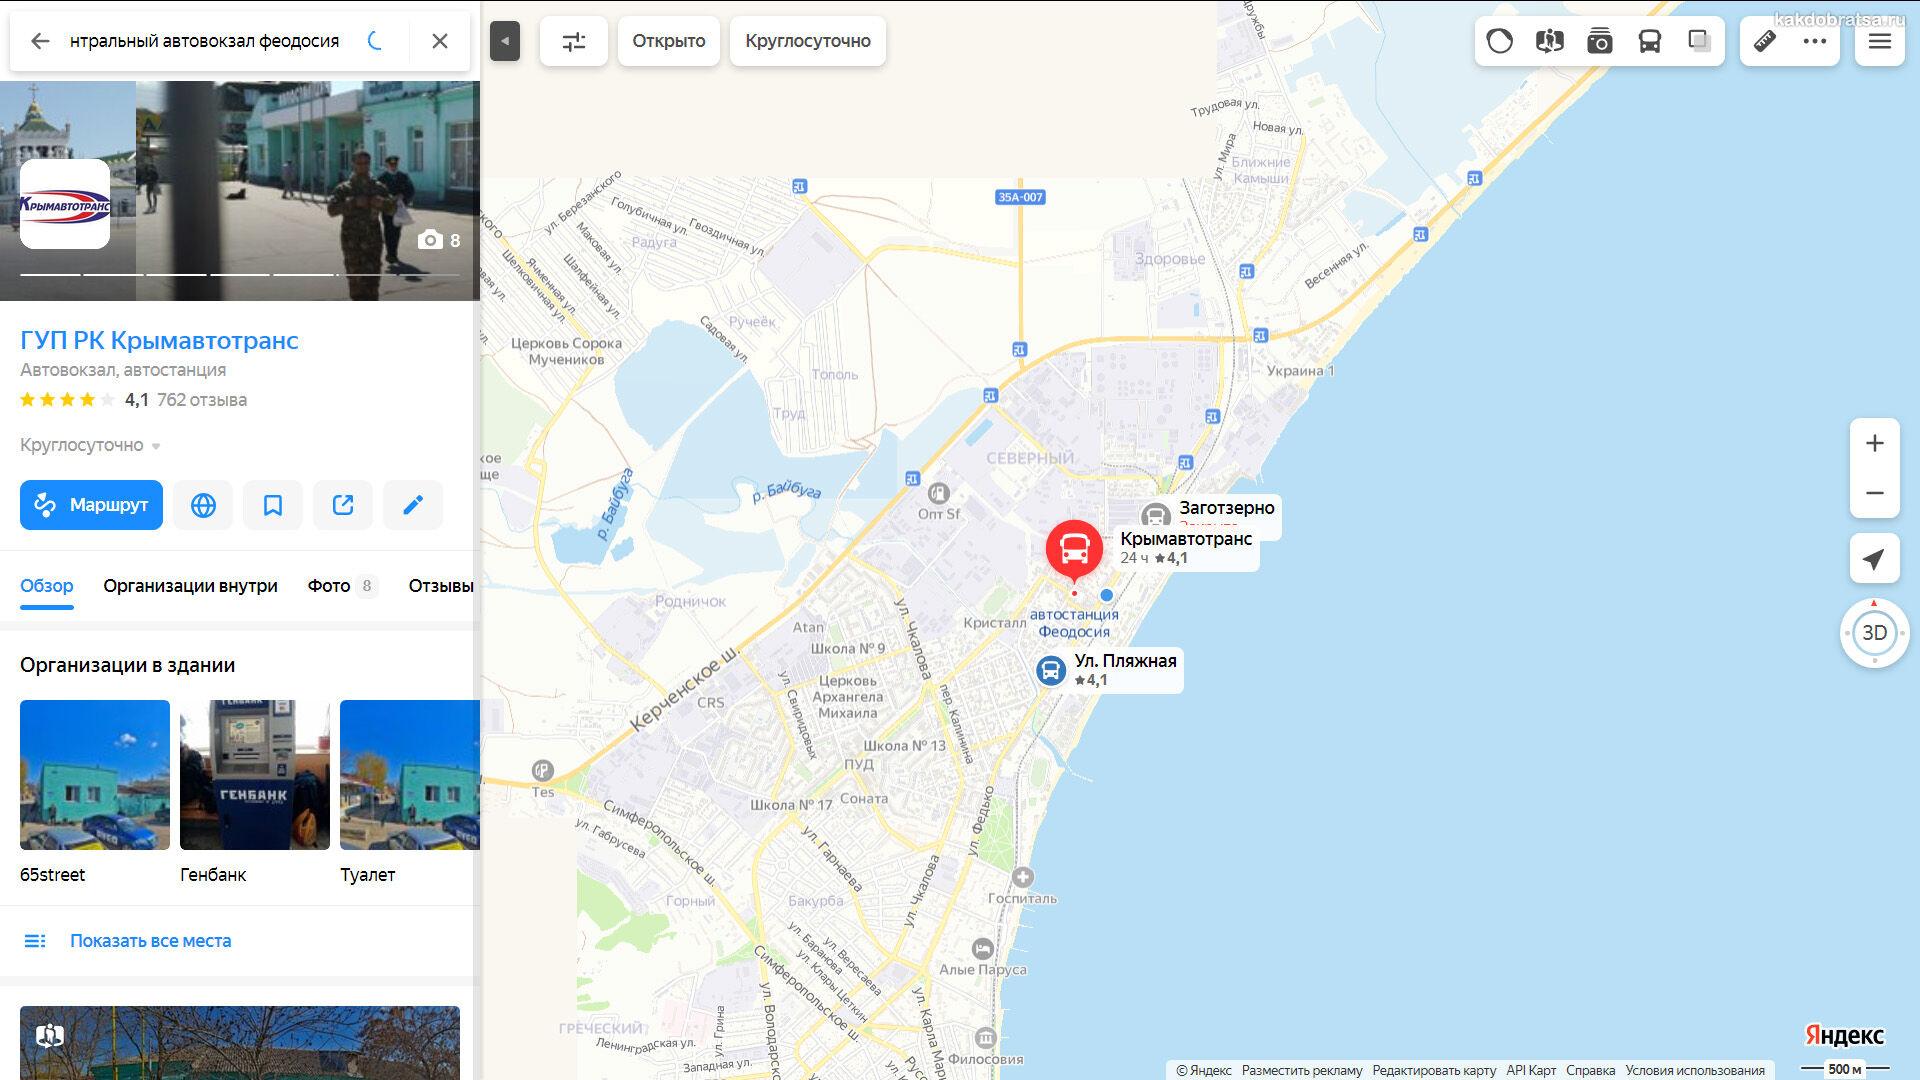 Центральный Автовокзал Феодосия на карте города